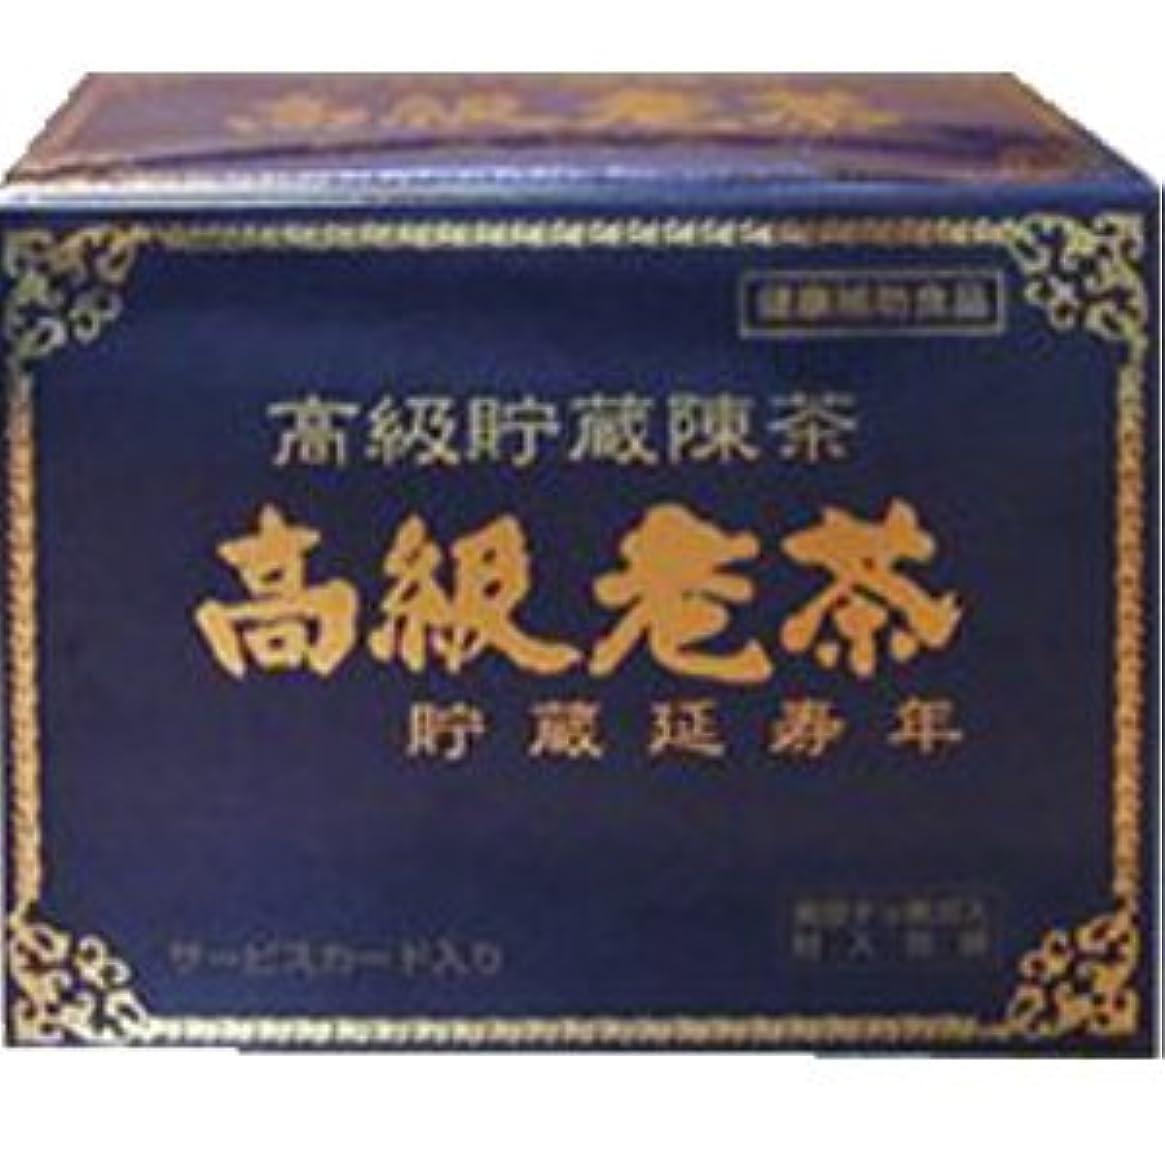 悲しいことに降ろす軍隊共栄  高級老茶 34包 (4972889000159)